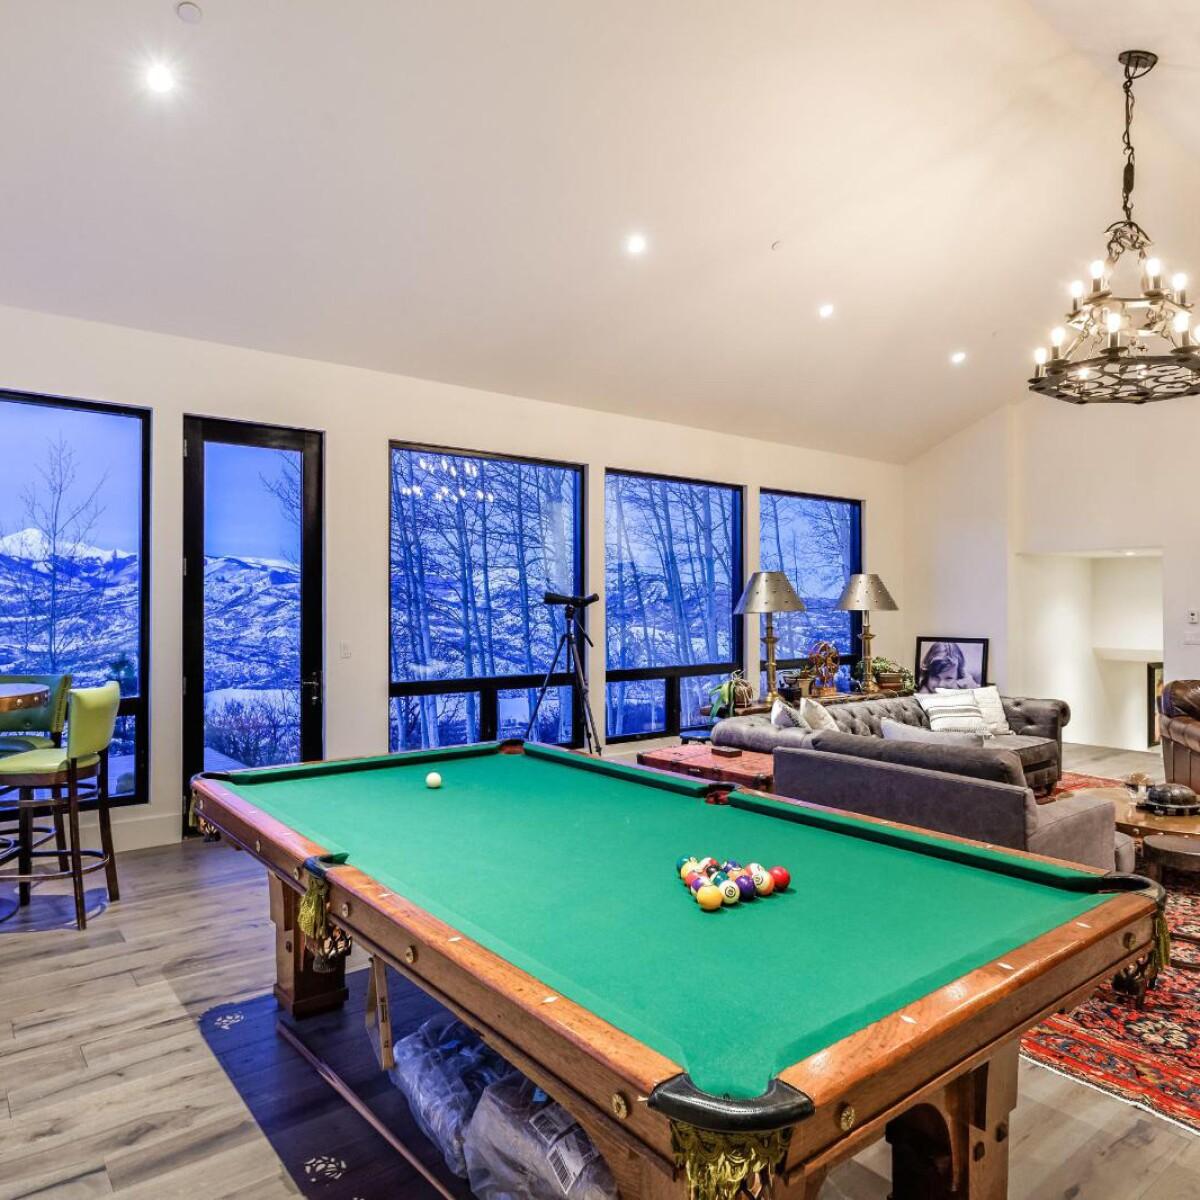 Denver News Closures: John Denver Estate In Aspen For Sale For $11M